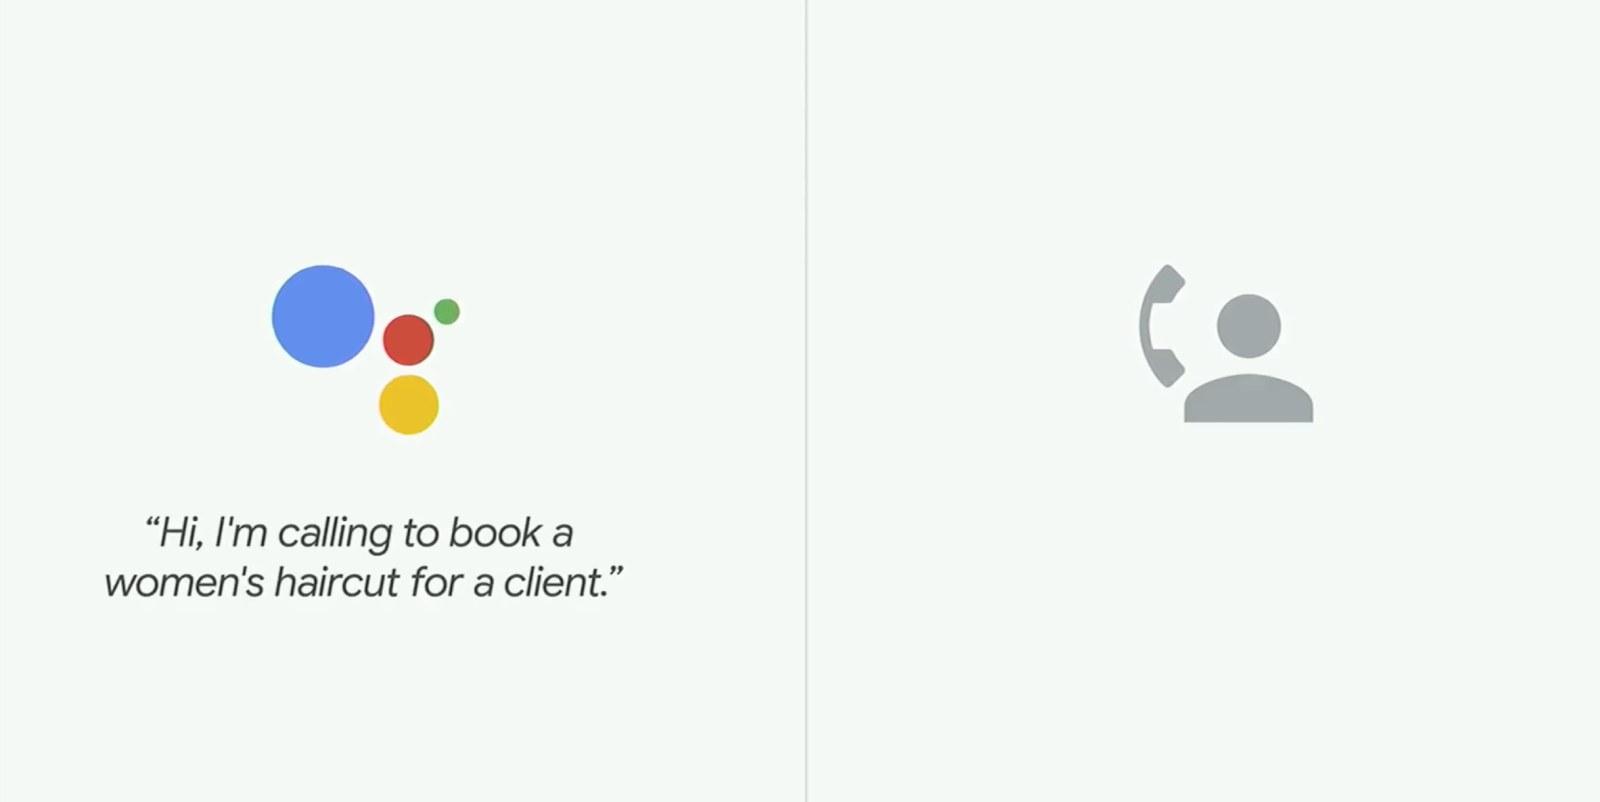 Asystent Google sam zadzwoni umówić wizytę u fryzjera lub kosmetyczki...